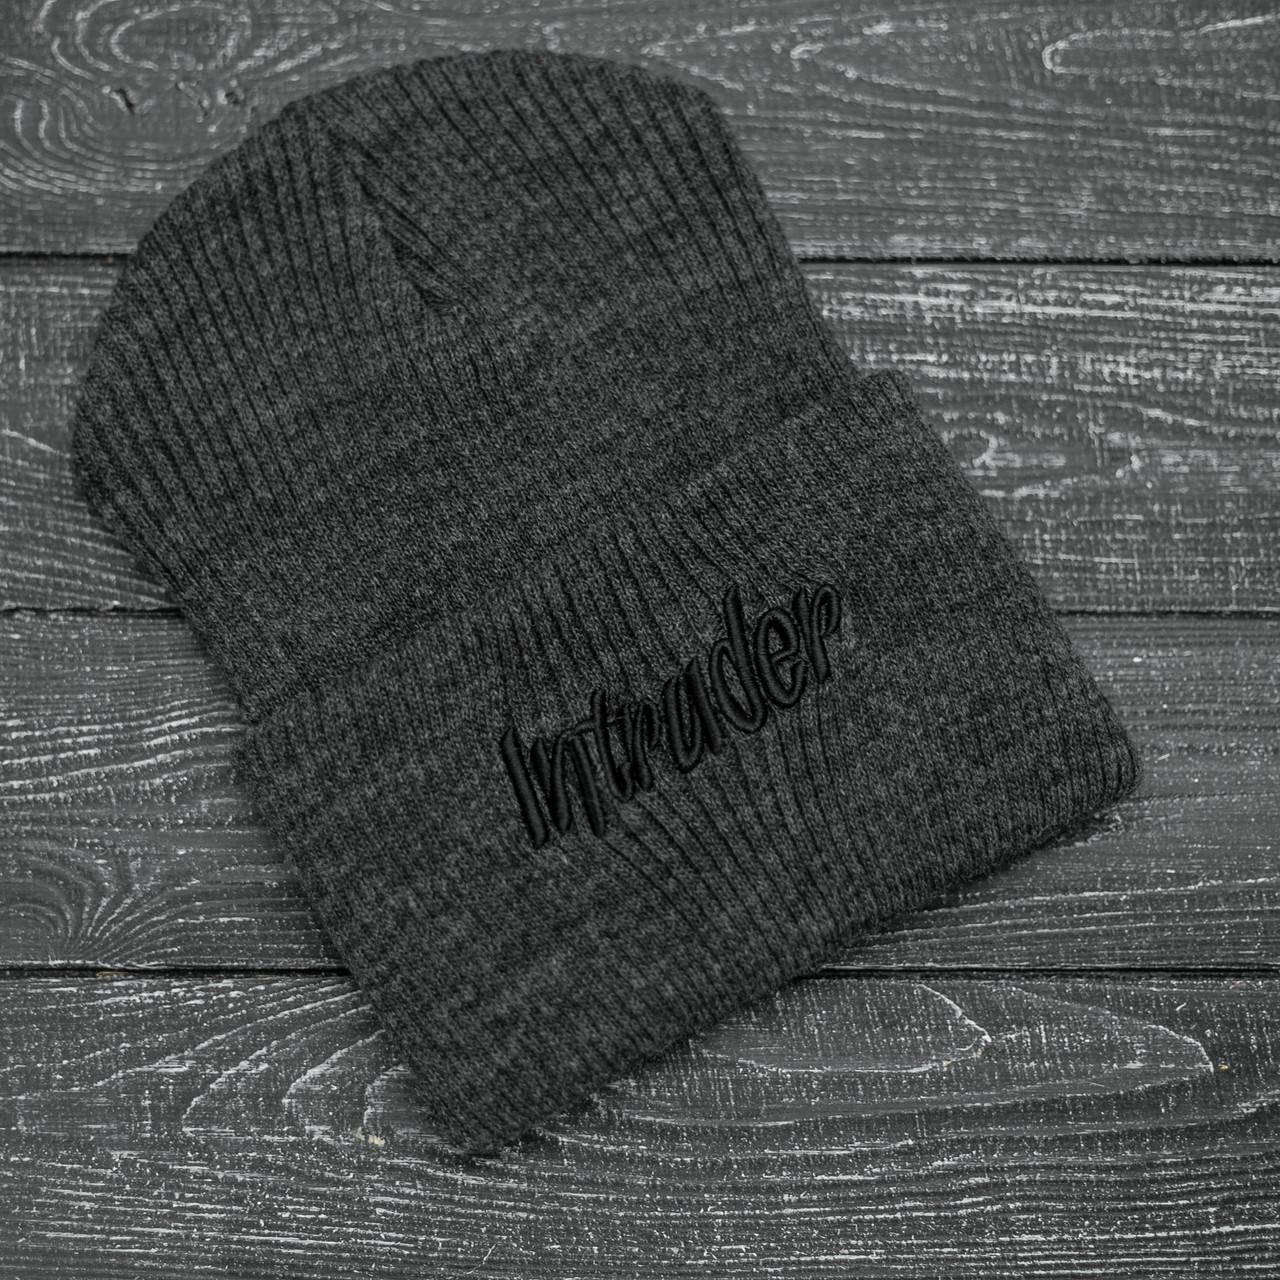 Шапка Мужская | Женская Intruder зимняя big logo серая Intruder